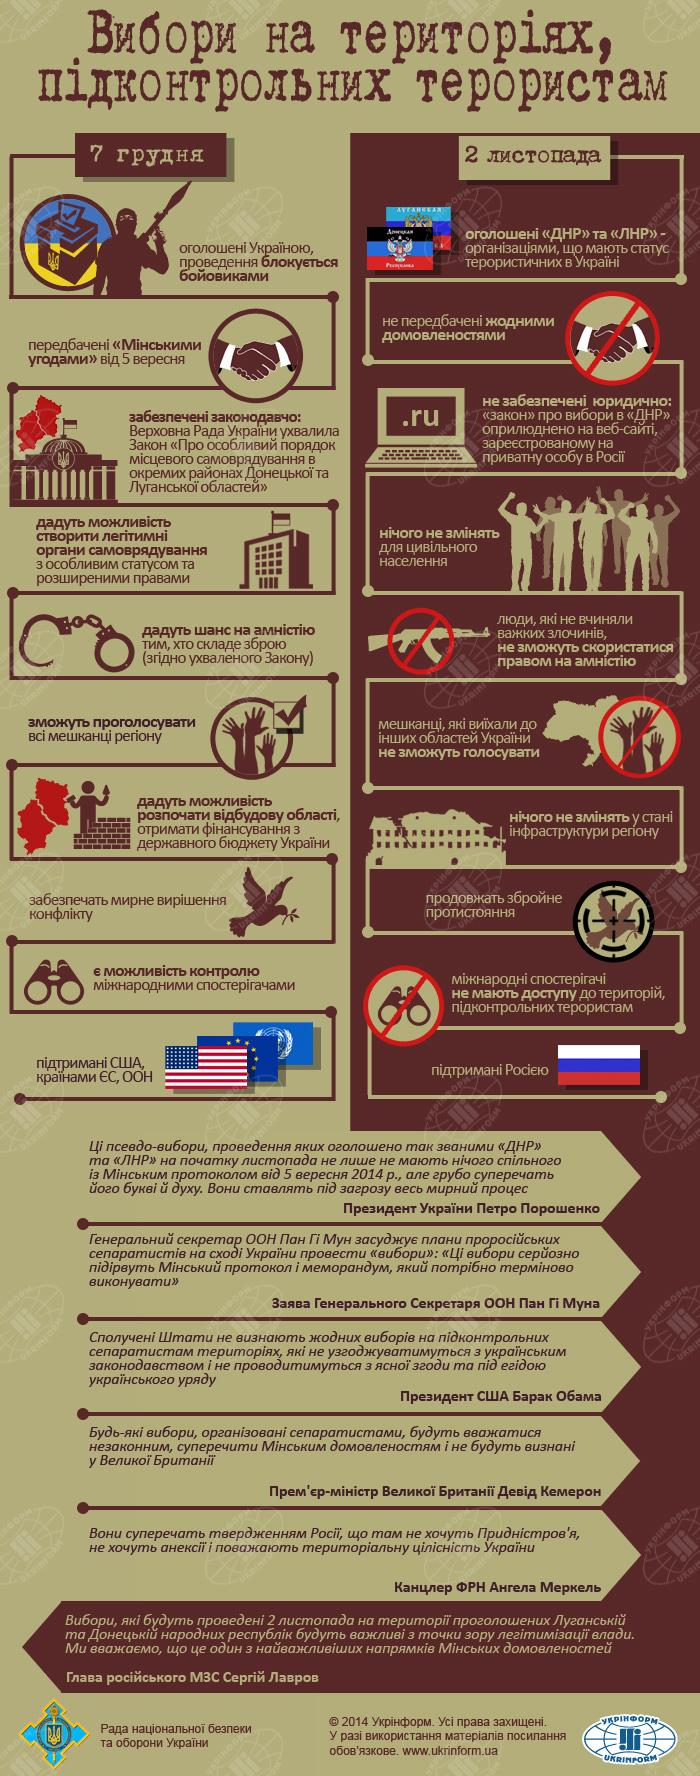 В чем отличие псевдовыборов ДНР от выборов 7 декабря: инфографика